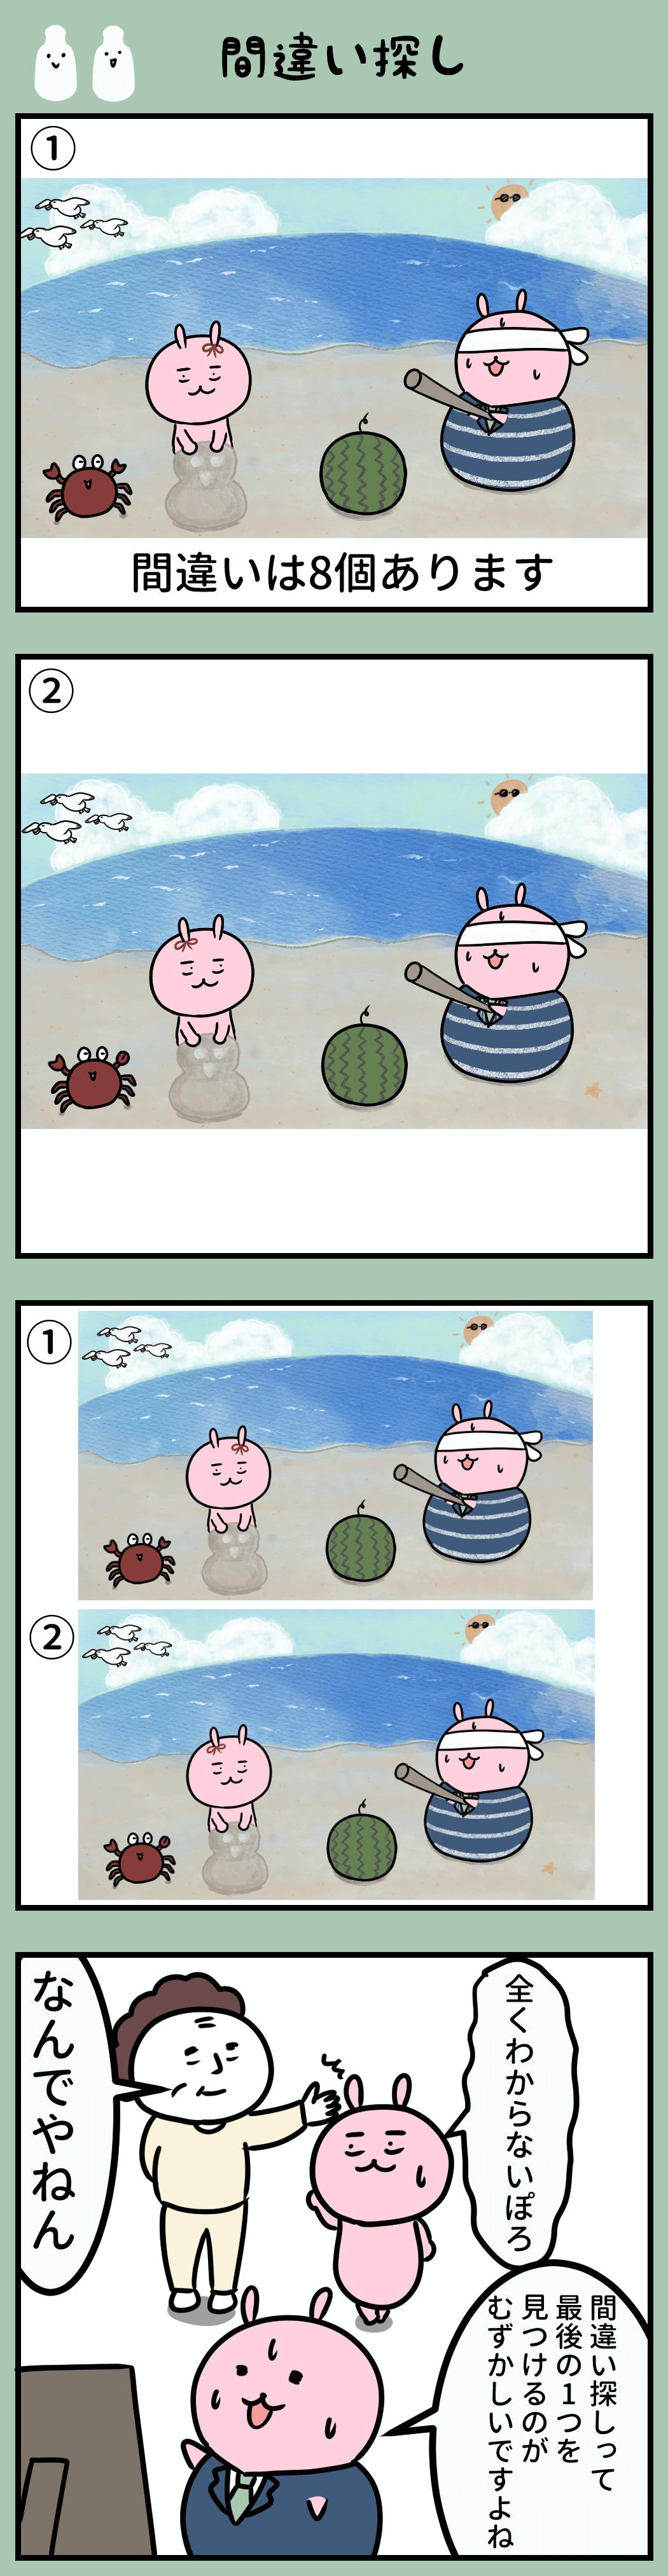 間違い探し ミルクボーイ イラスト 漫画